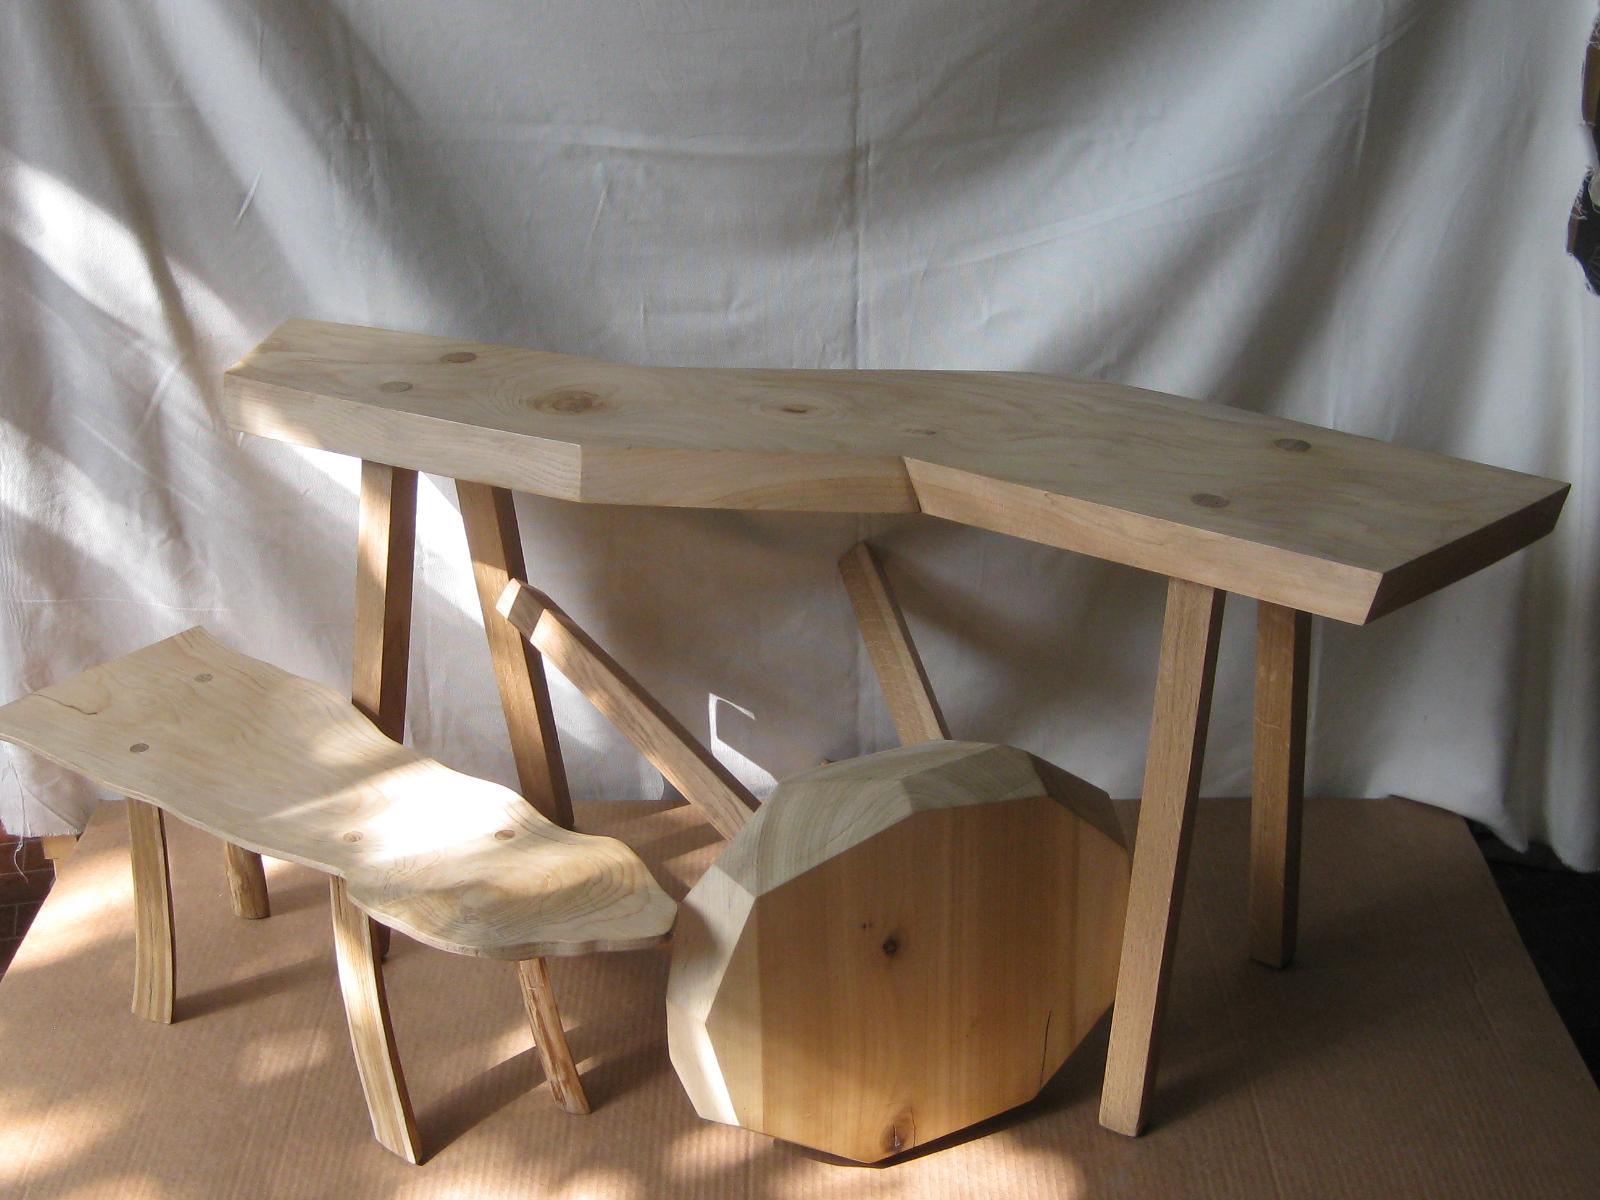 Sga belli sedie e panchette